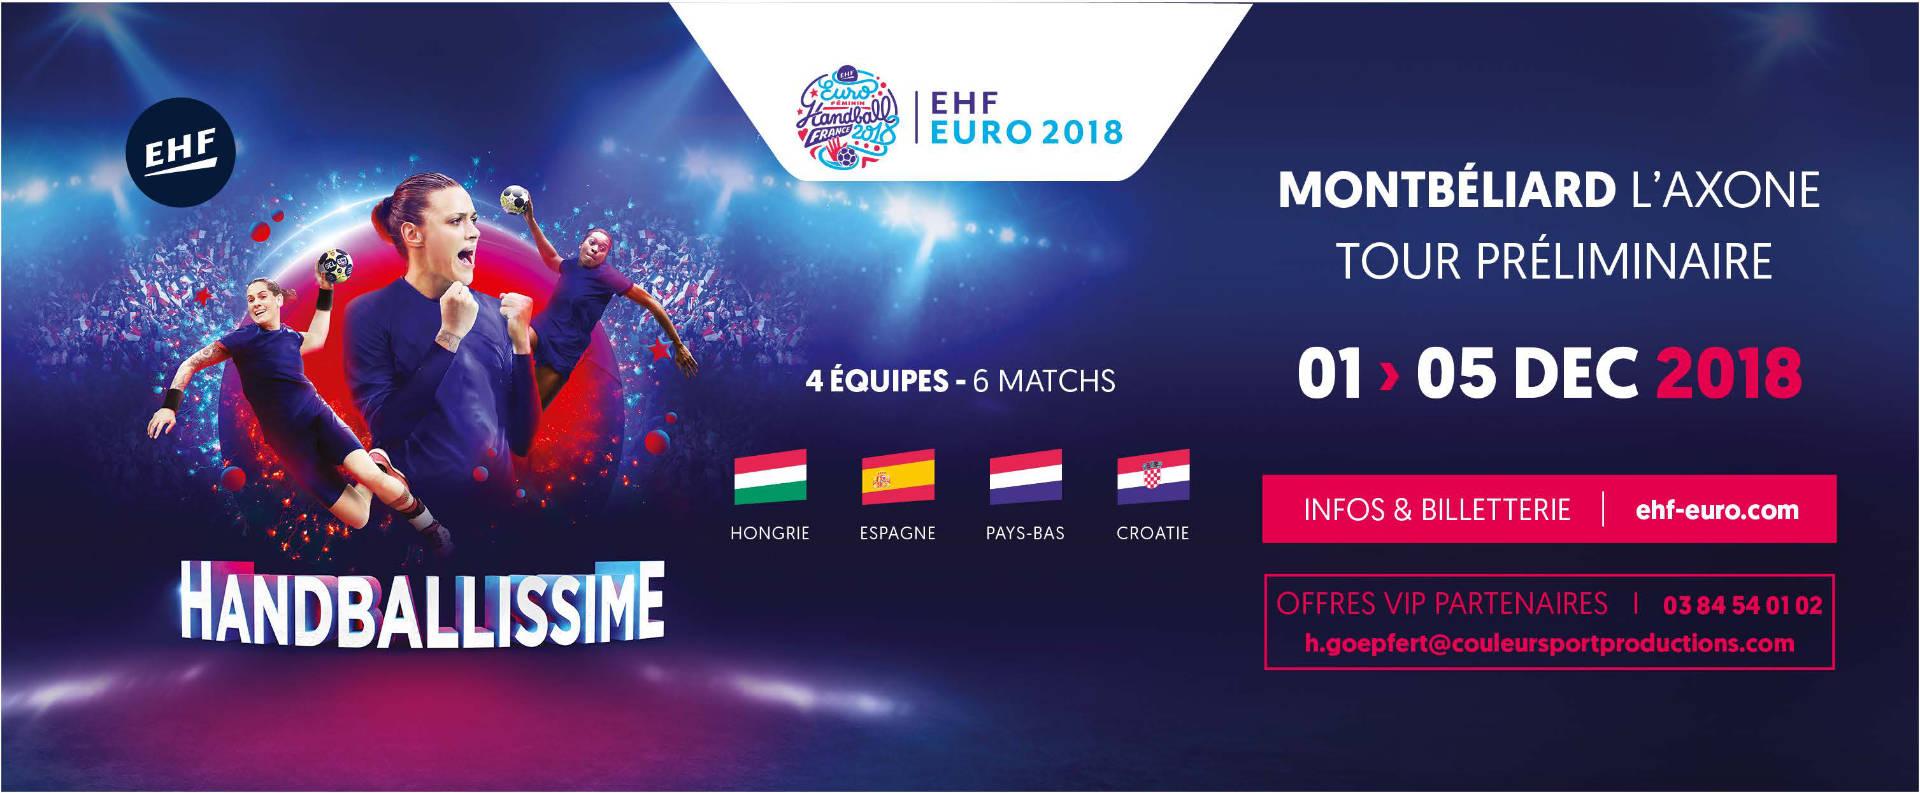 L'EHF EURO 2018 aura lieu à Montbéliard à L'Axone du 01 au 05 Décembre